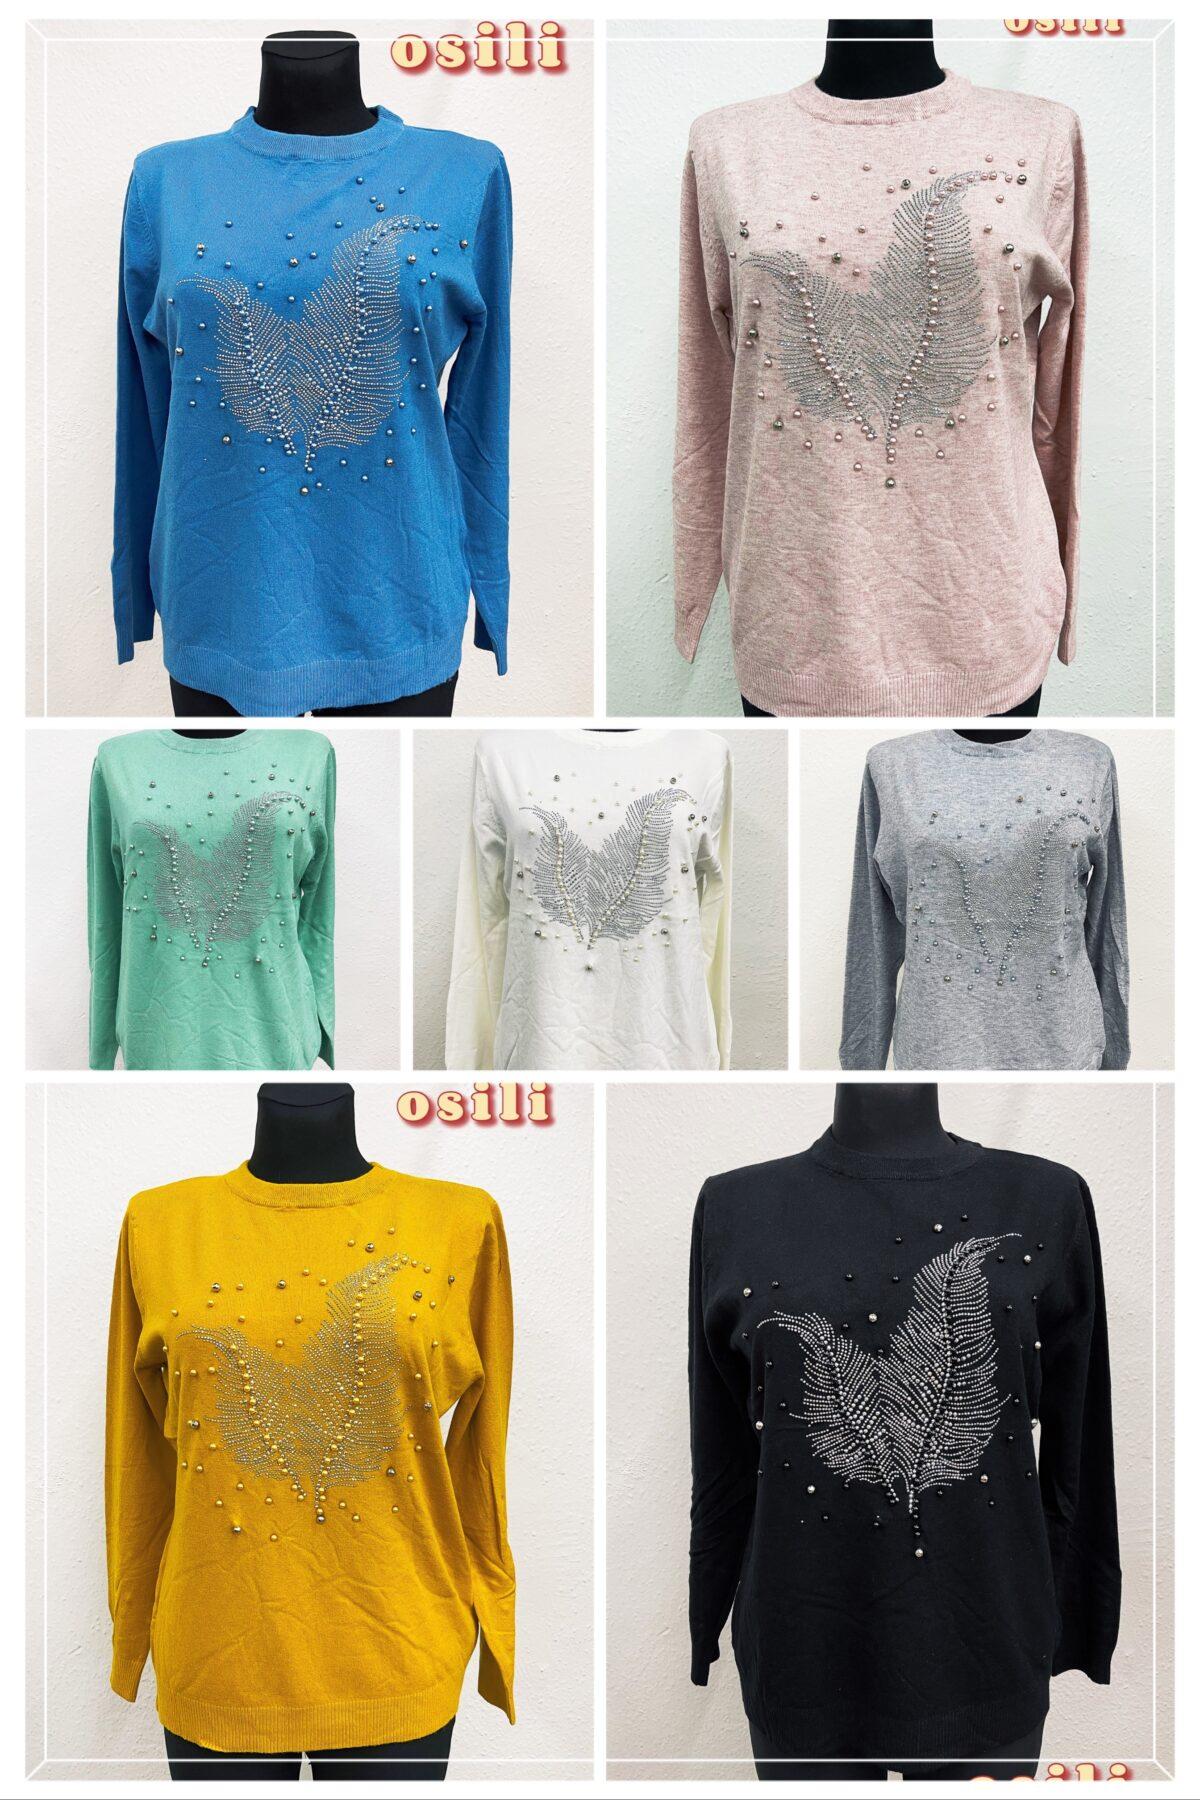 FA94227C 66F7 4728 9EC4 4ED7E0425C02 scaled Osili - Fashion - Divat